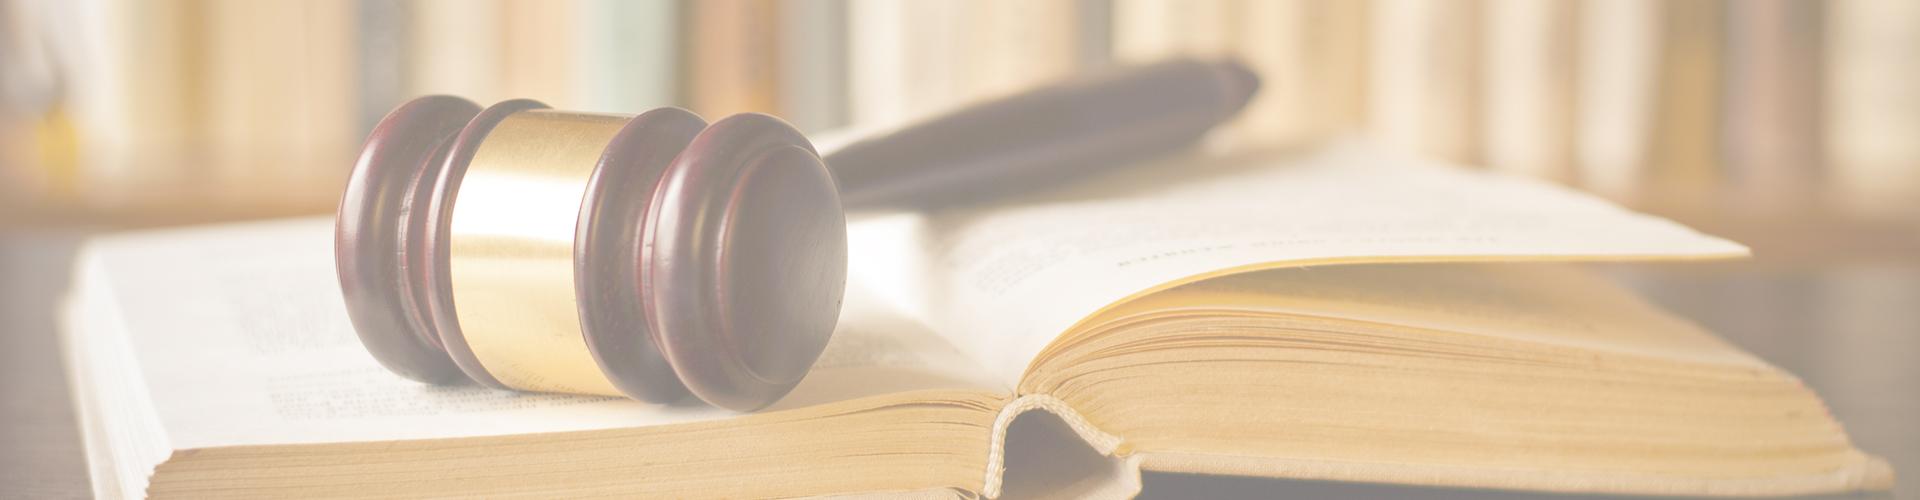 """Comisia Județeană de Etică dezbate, luna aceasta, """"Normele de conduită ale personalului didactic în relaţiile cu beneficiarii direcţi ai educaţiei"""""""